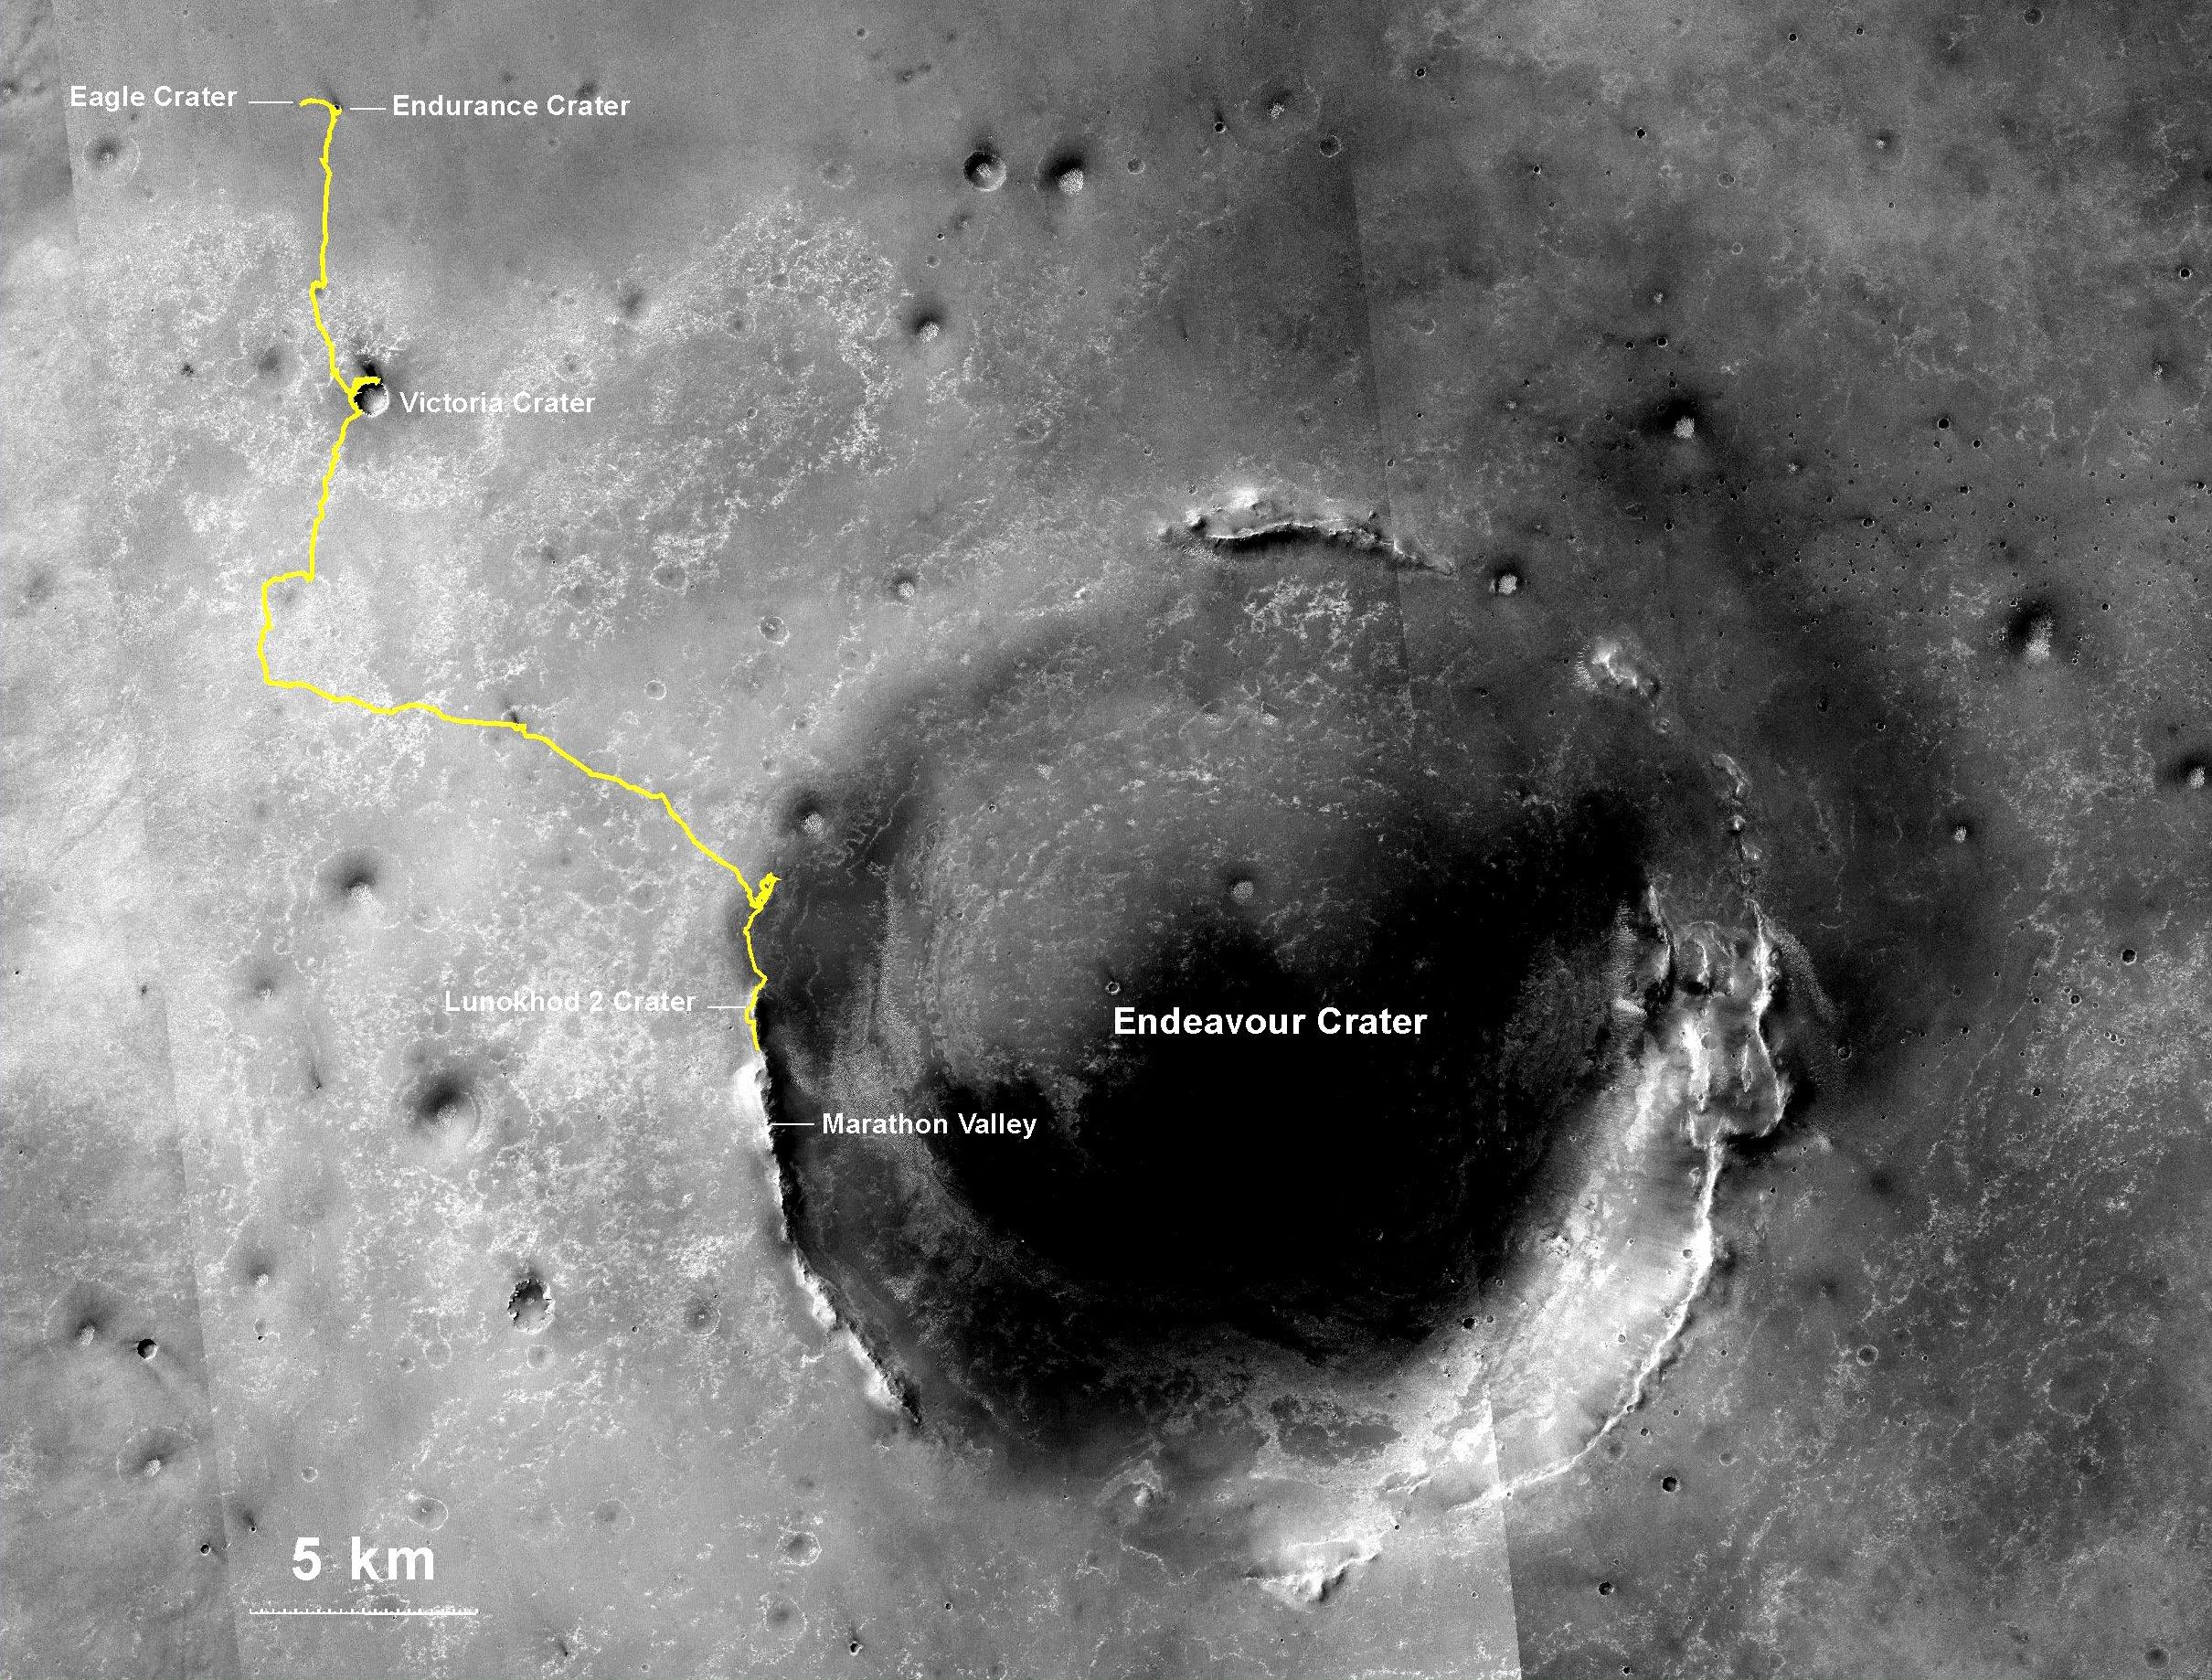 40 Kilometer in zehn Jahren hat derMarsrover Opportunity zurückgelegt. Er ist kurz vor dem riesigen Endeavour Krater.